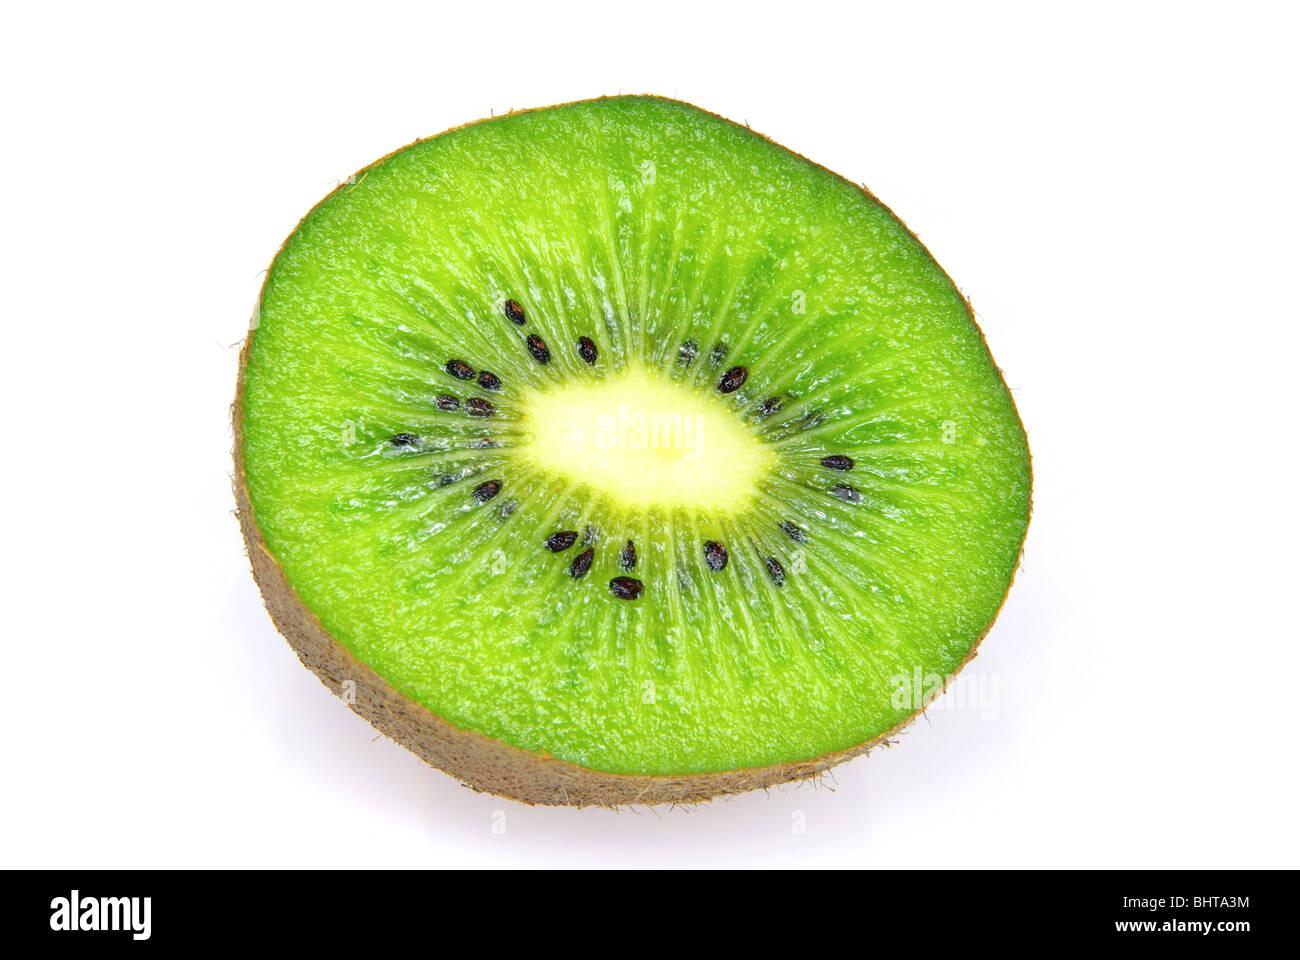 Kiwi 22 - Stock Image